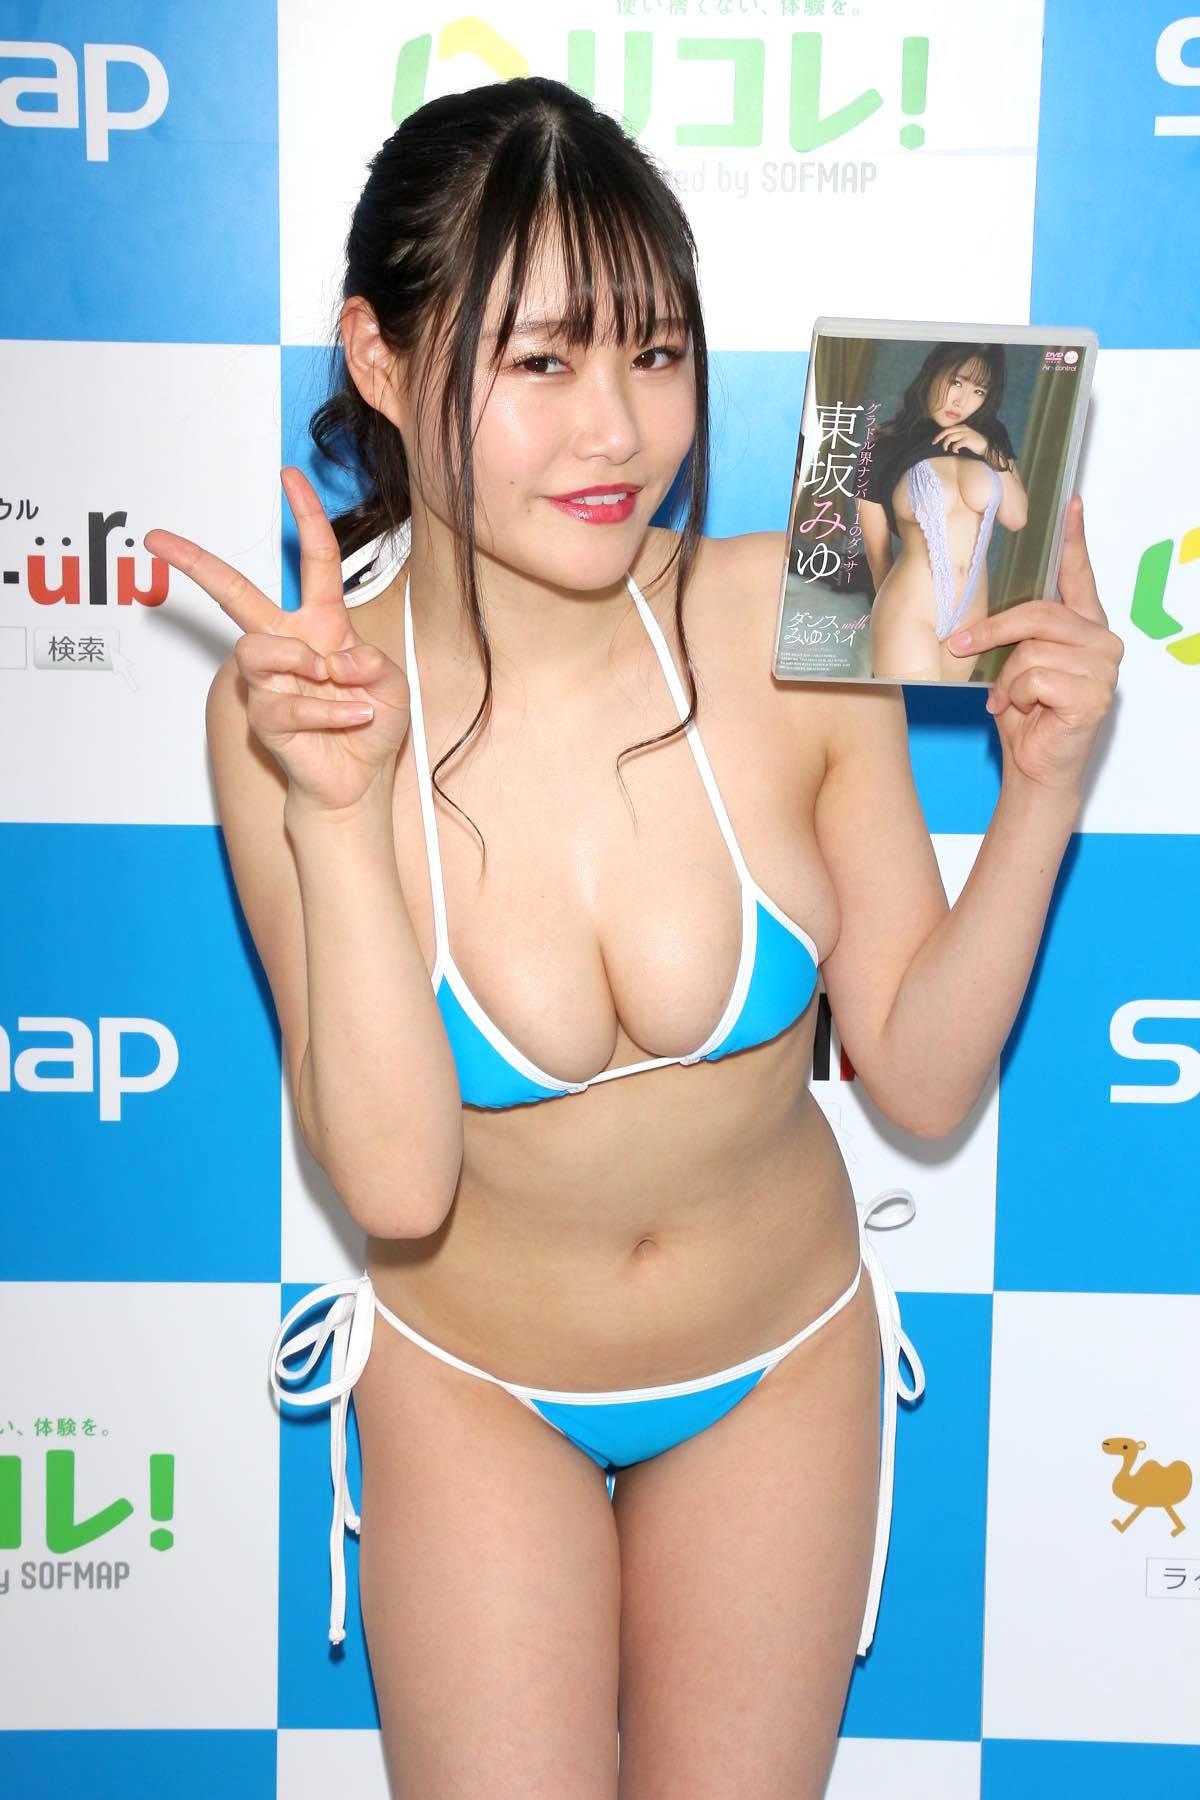 東坂みゆ「ロケット爆乳」がダンスで揺れて弾ける!【写真42枚】の画像041